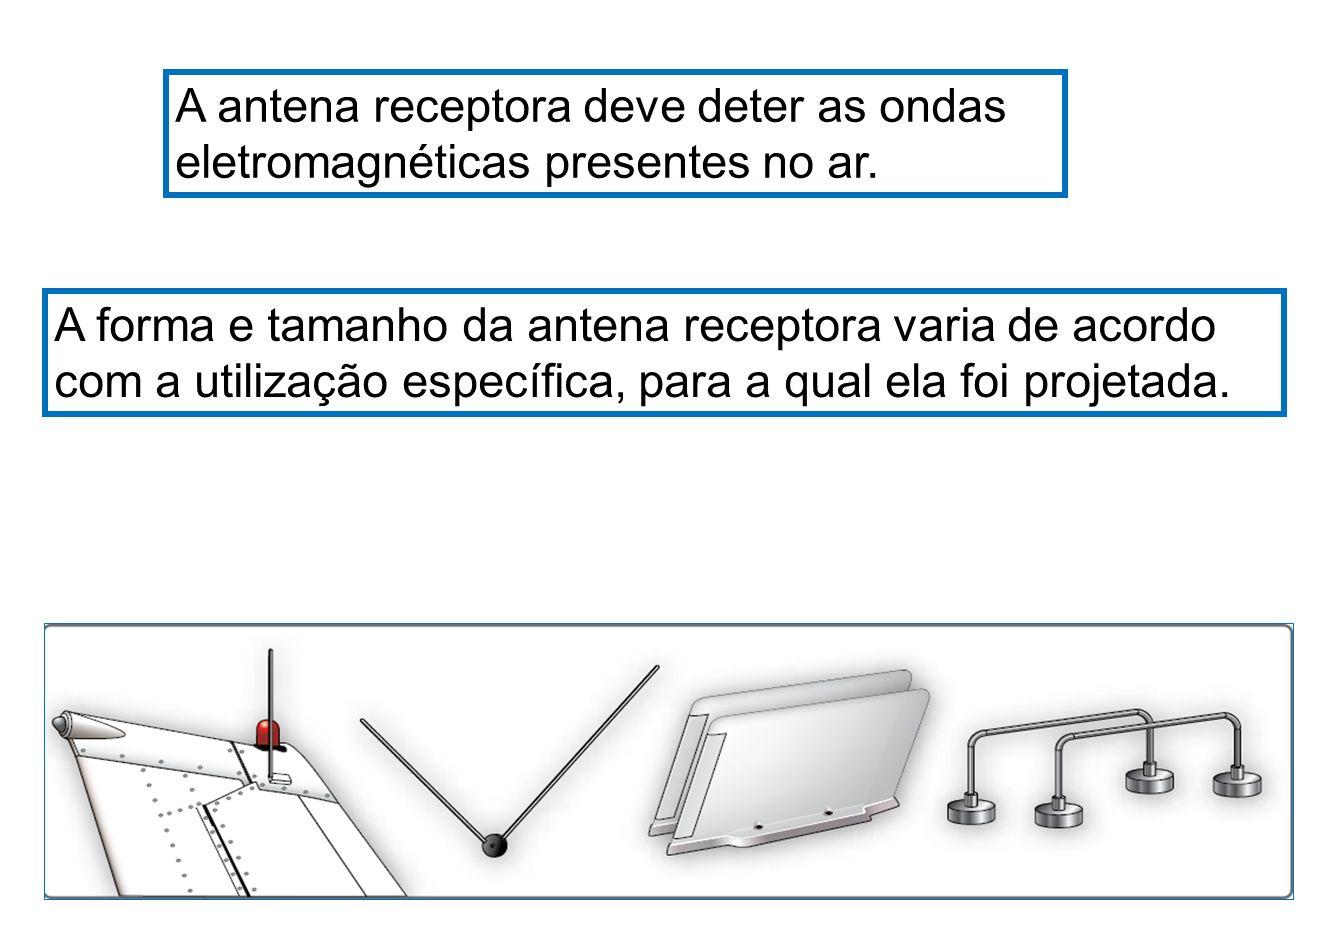 A antena receptora deve deter as ondas